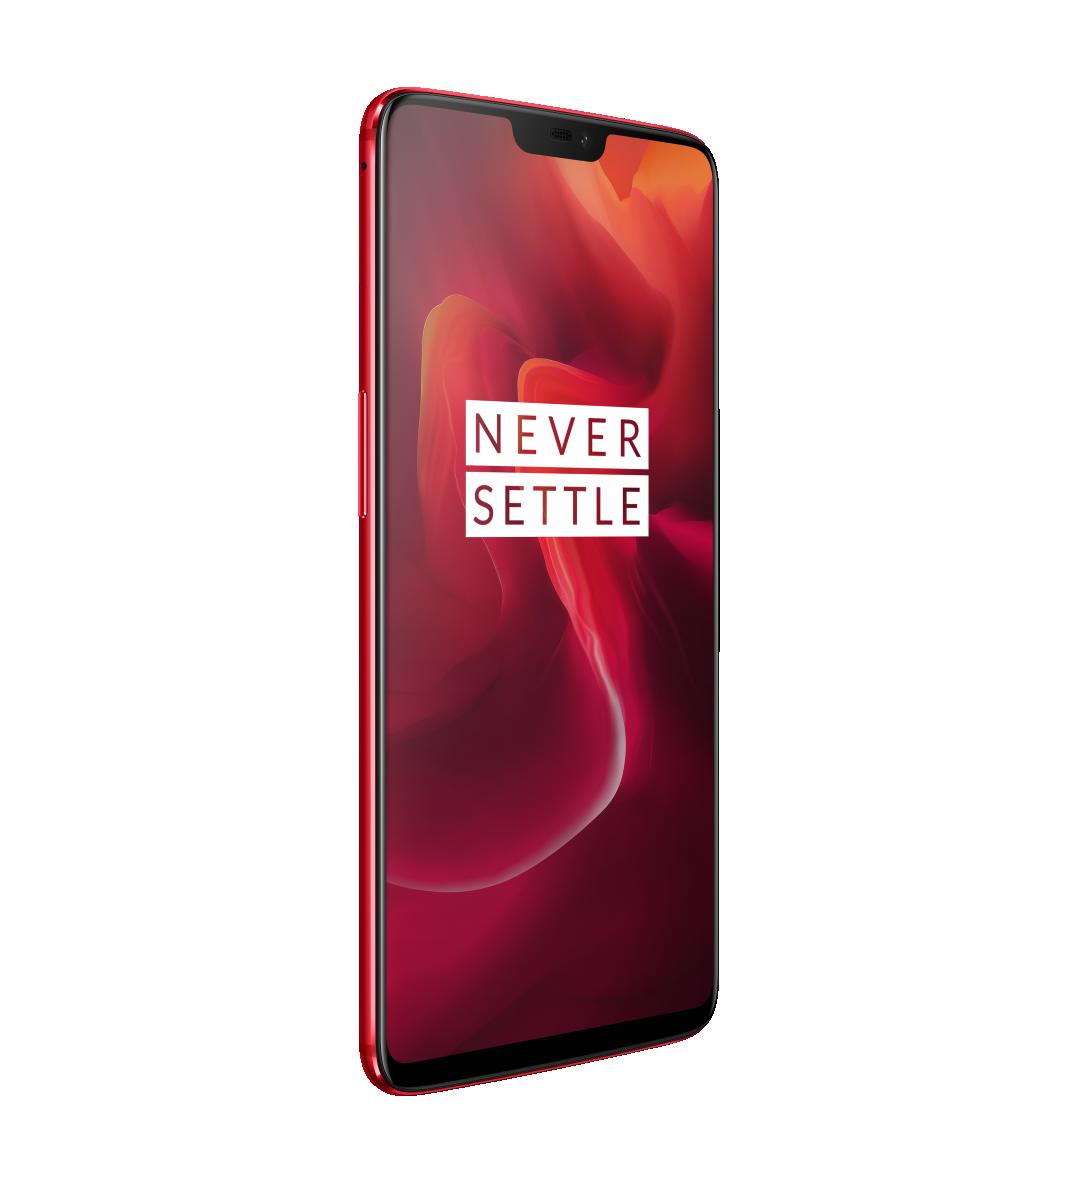 OnePlus выпустила OnePlus 6 в красном цвете1